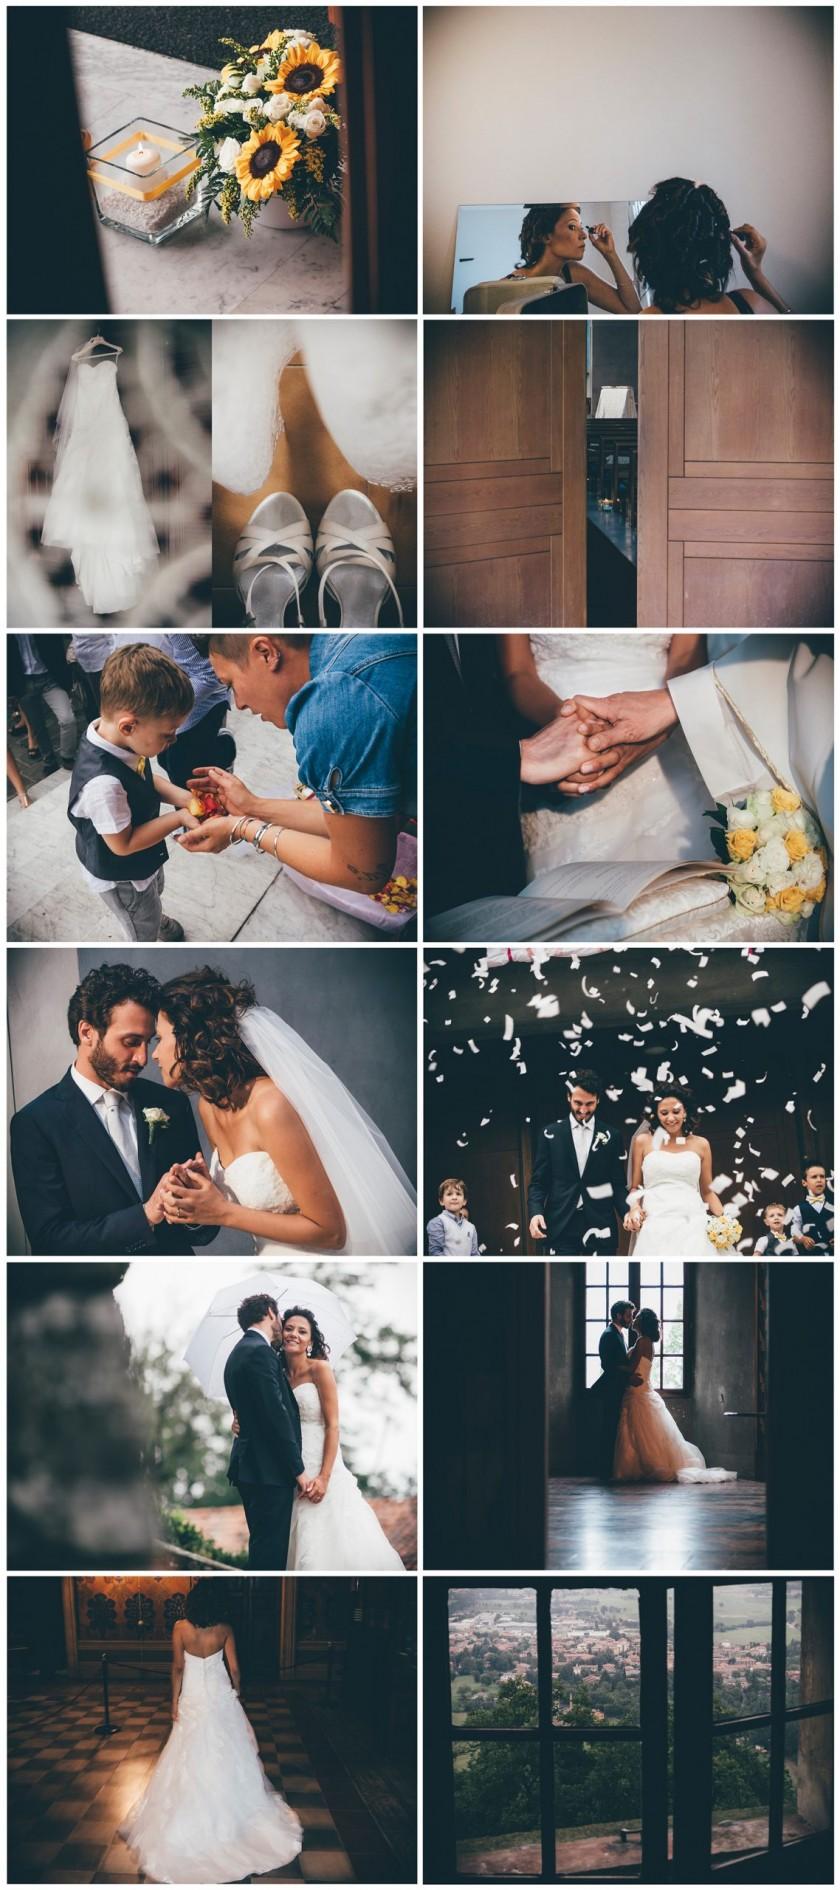 stile, moodboard, moodboards, ispirazione foto matrimonio, idea, creatività, fotografo matrimonio parma, fotografie matrimonio, racconto fotografico, stefano brianti, castello di bianello